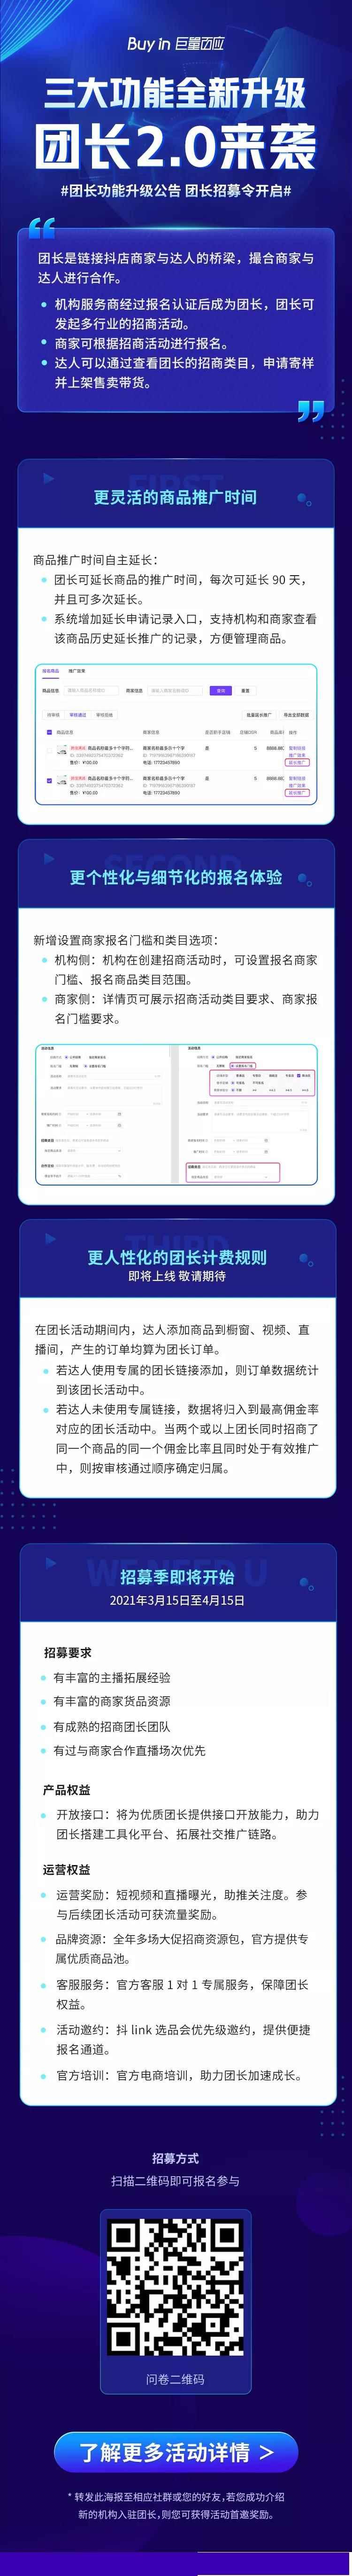 """抖音电商""""团长招募令"""":提供6大专享权益+海量资源扶持"""